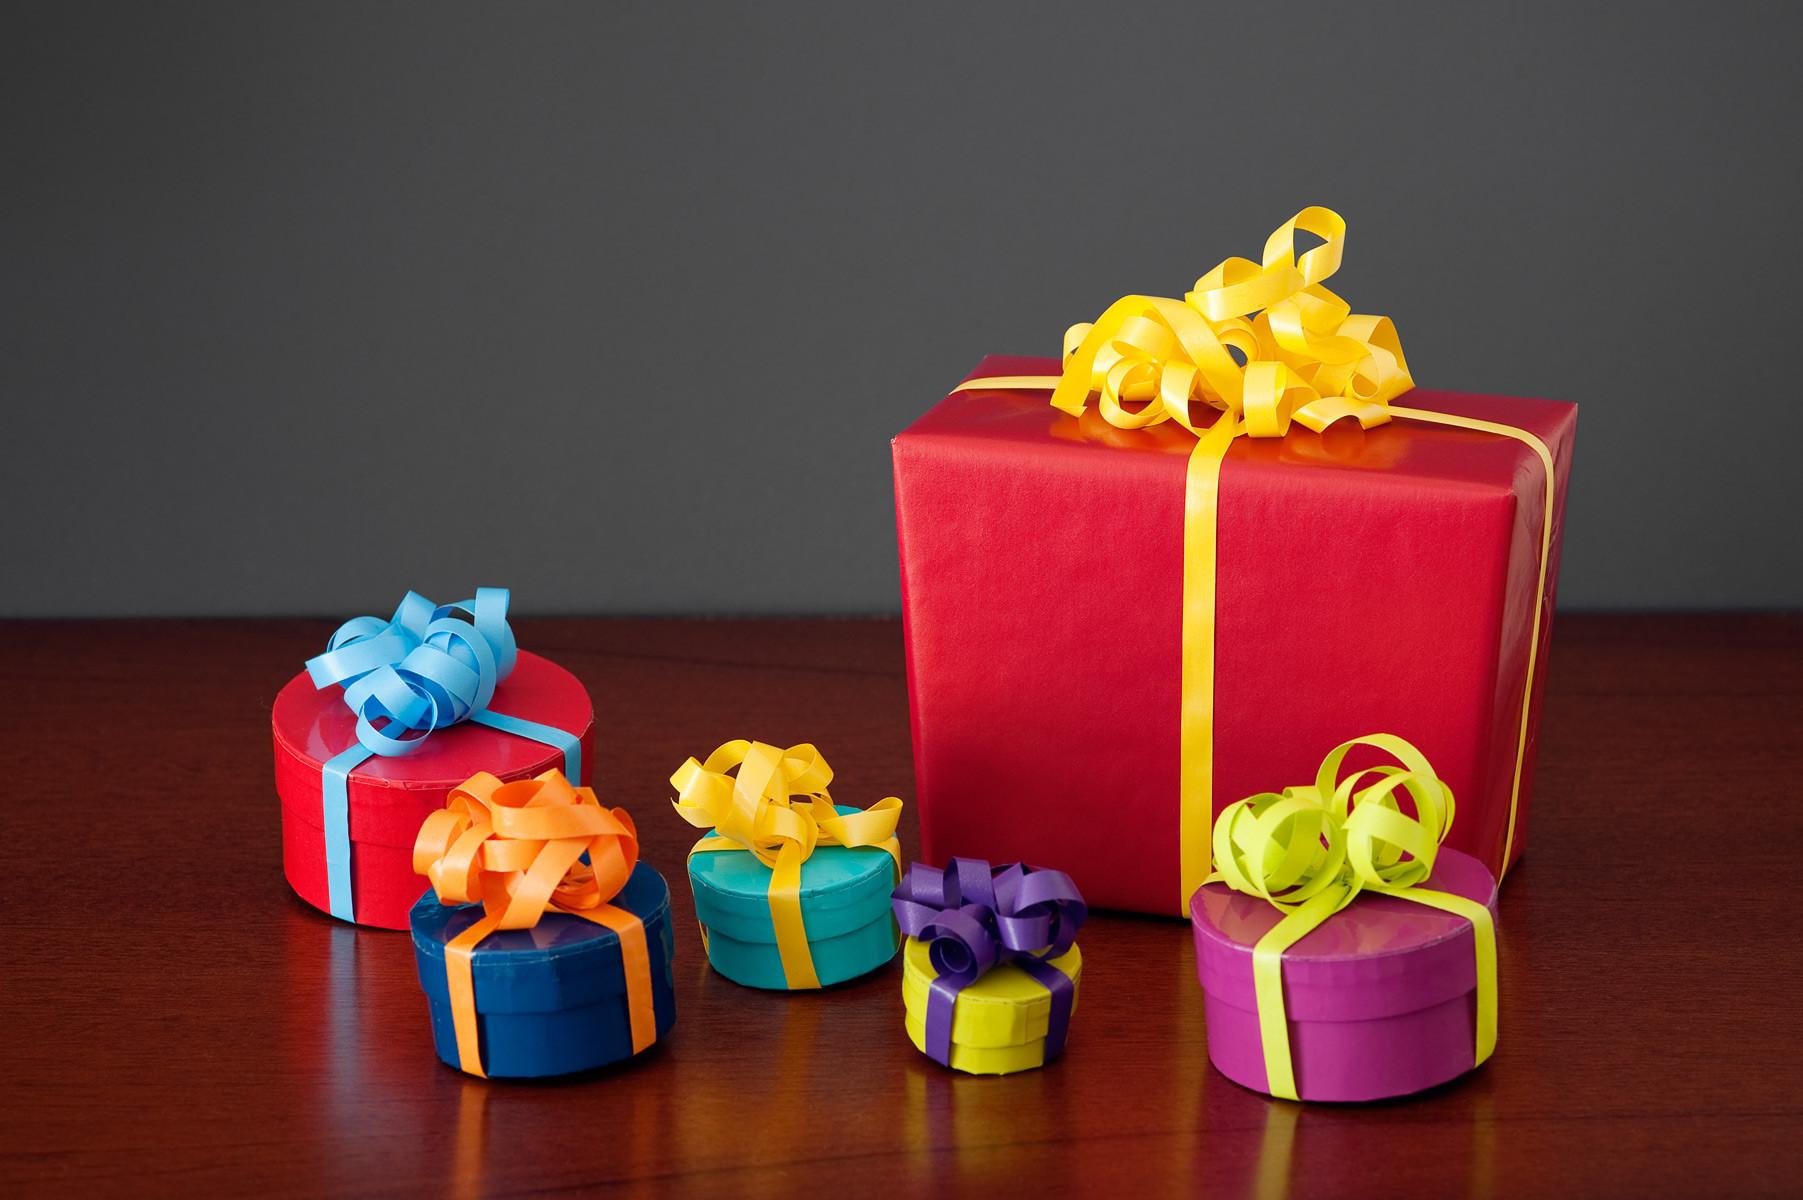 Schöne Geschenke  File Schöne Geschenke Wikimedia mons